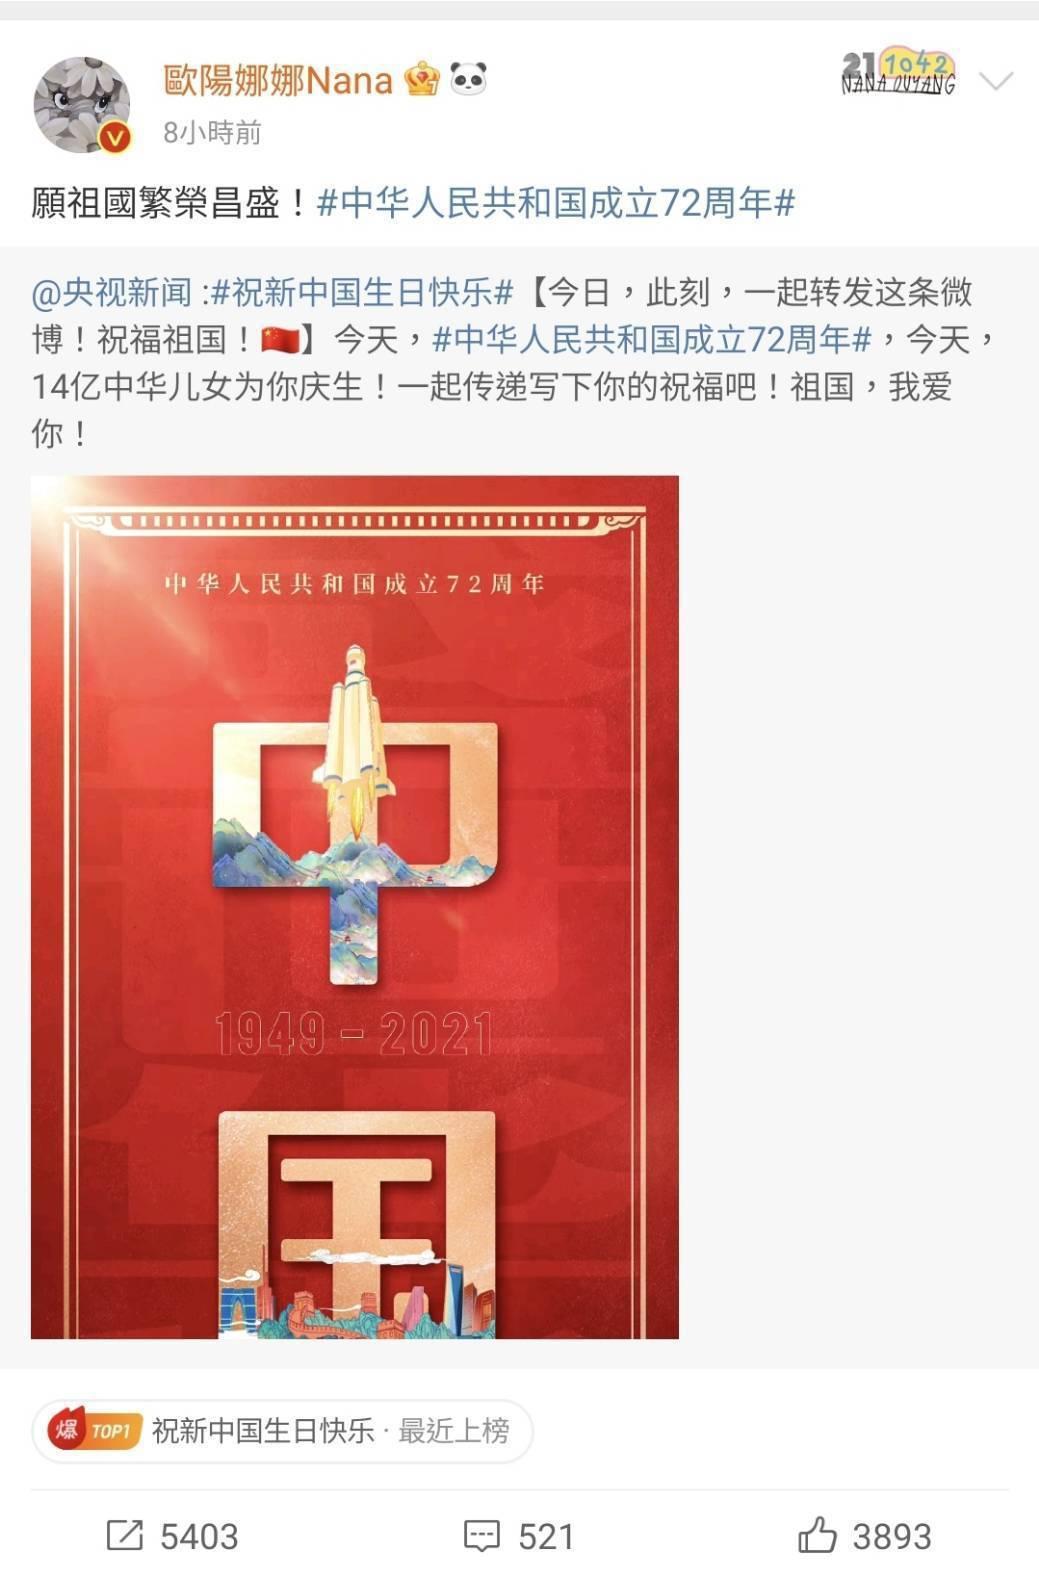 娜娜發文慶祝中國國慶。 圖/擷自微博